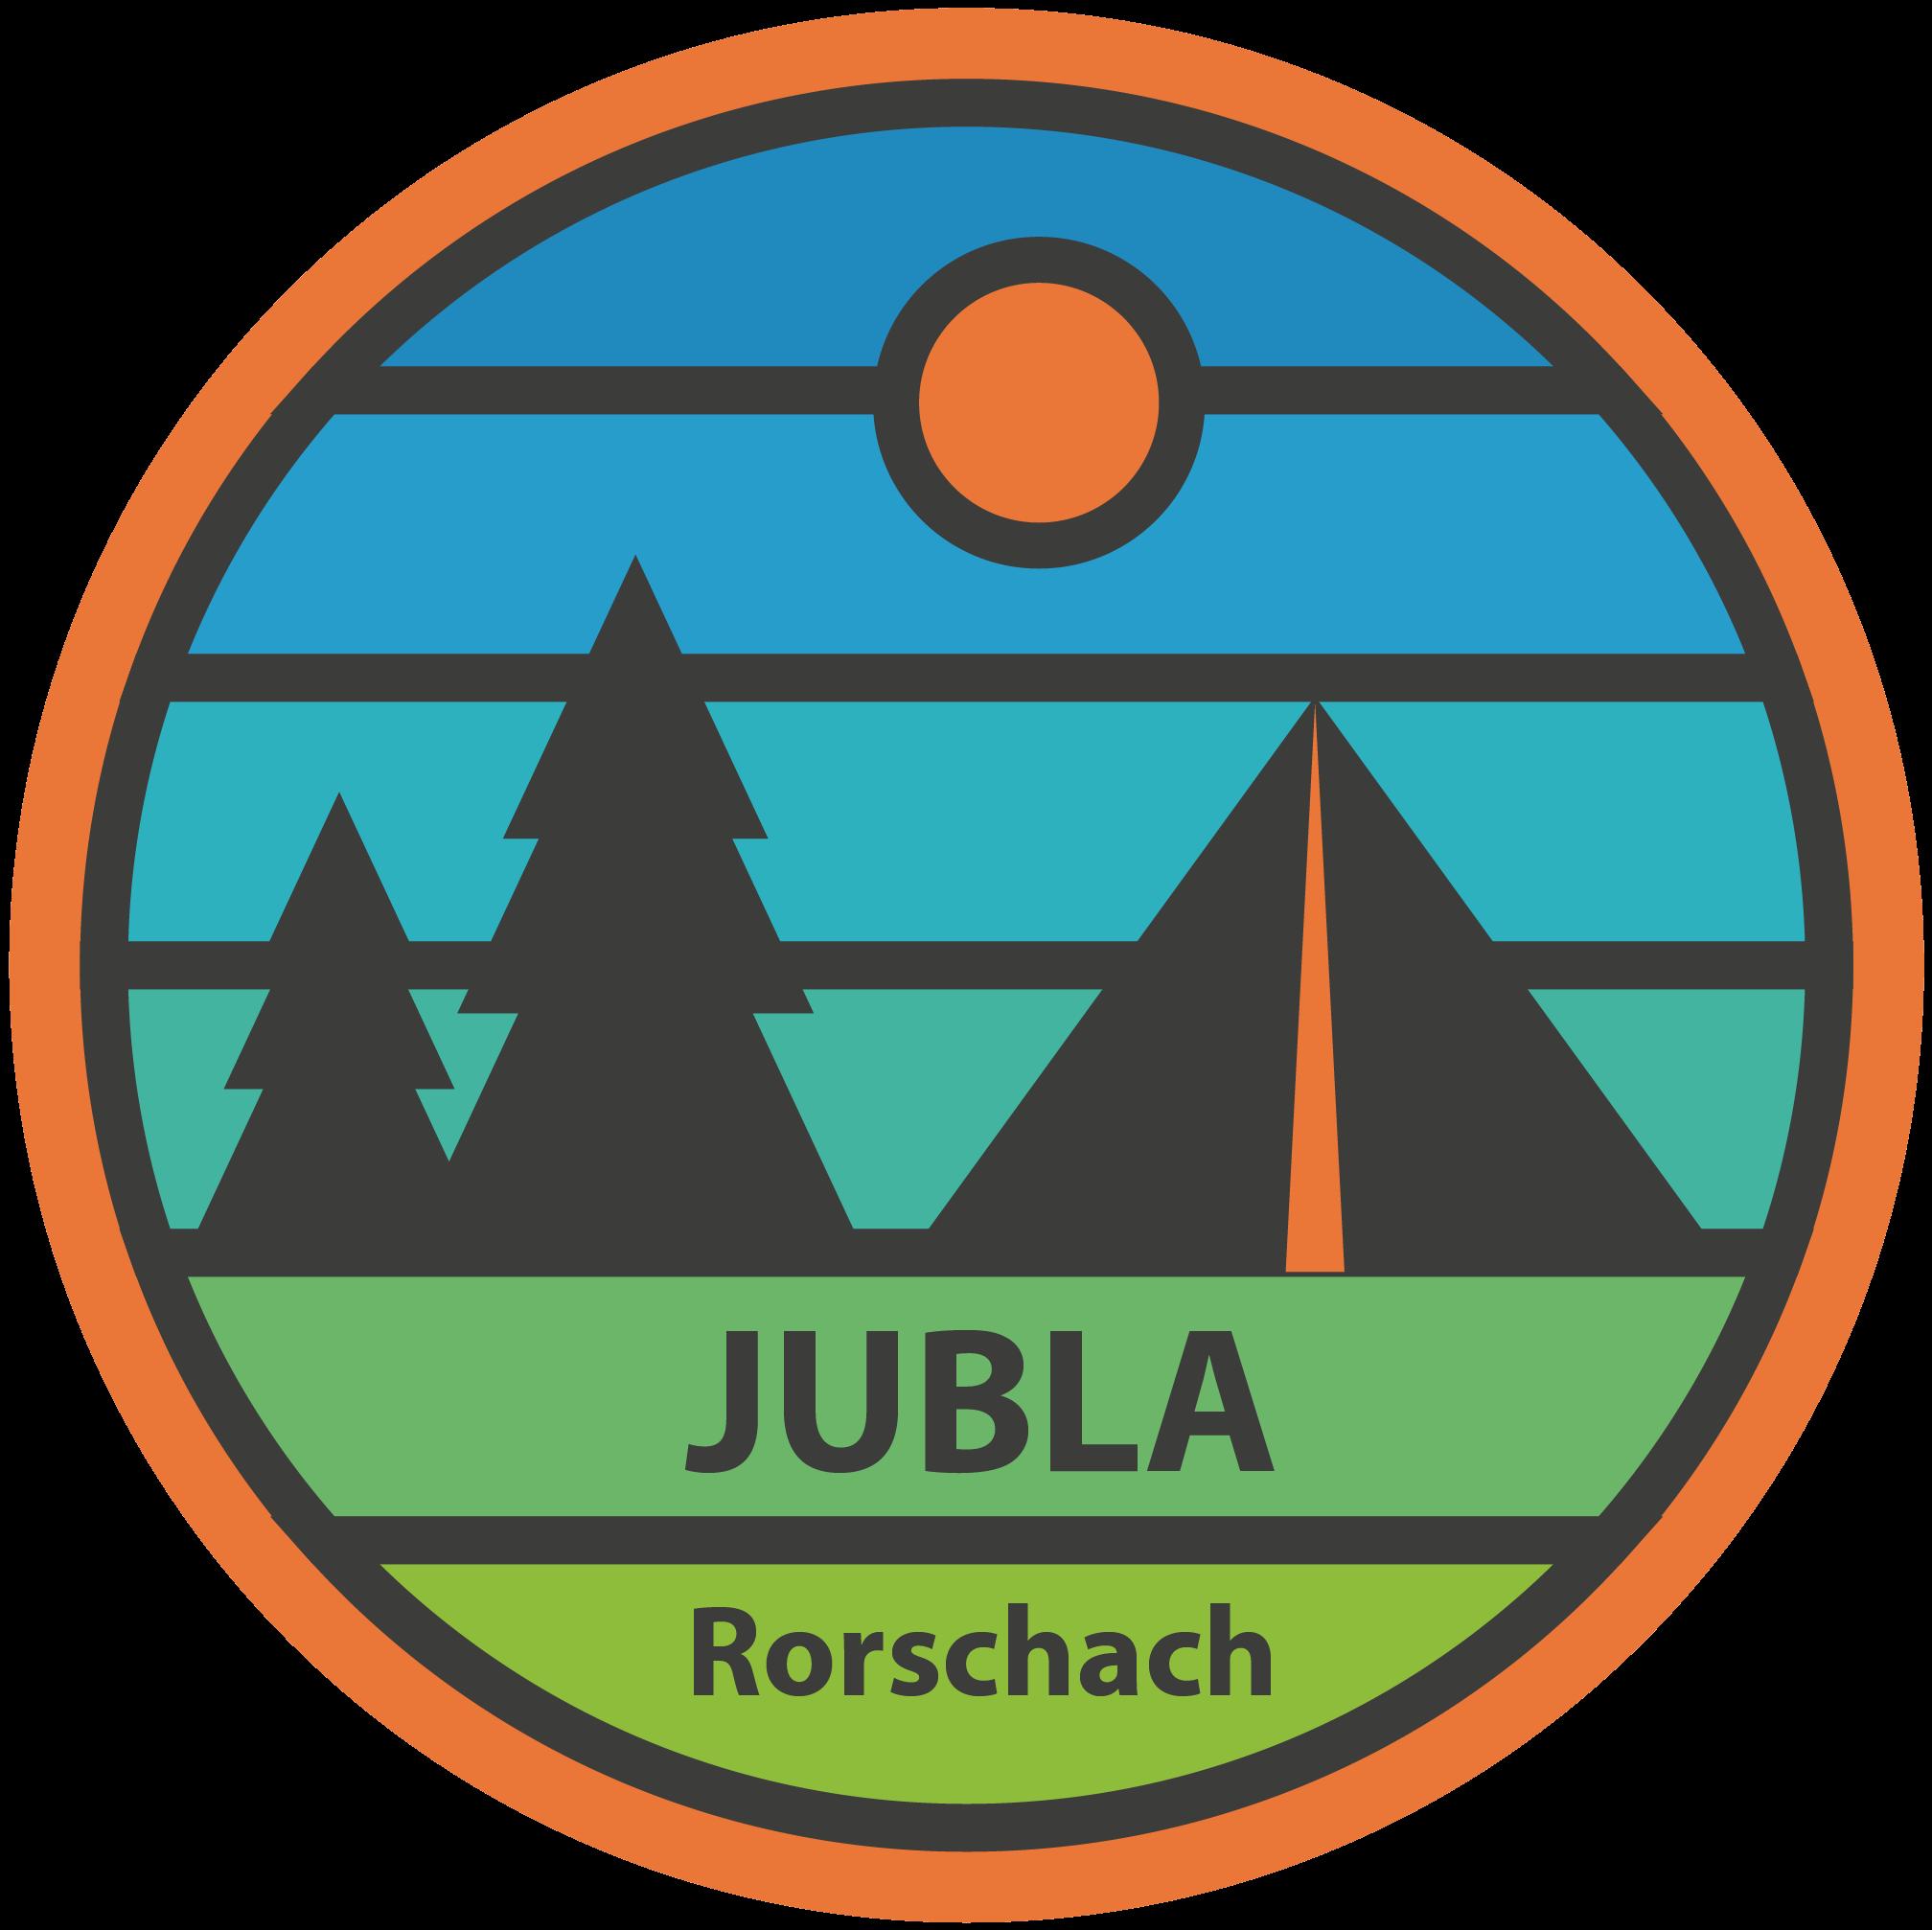 Jubla Rorschach